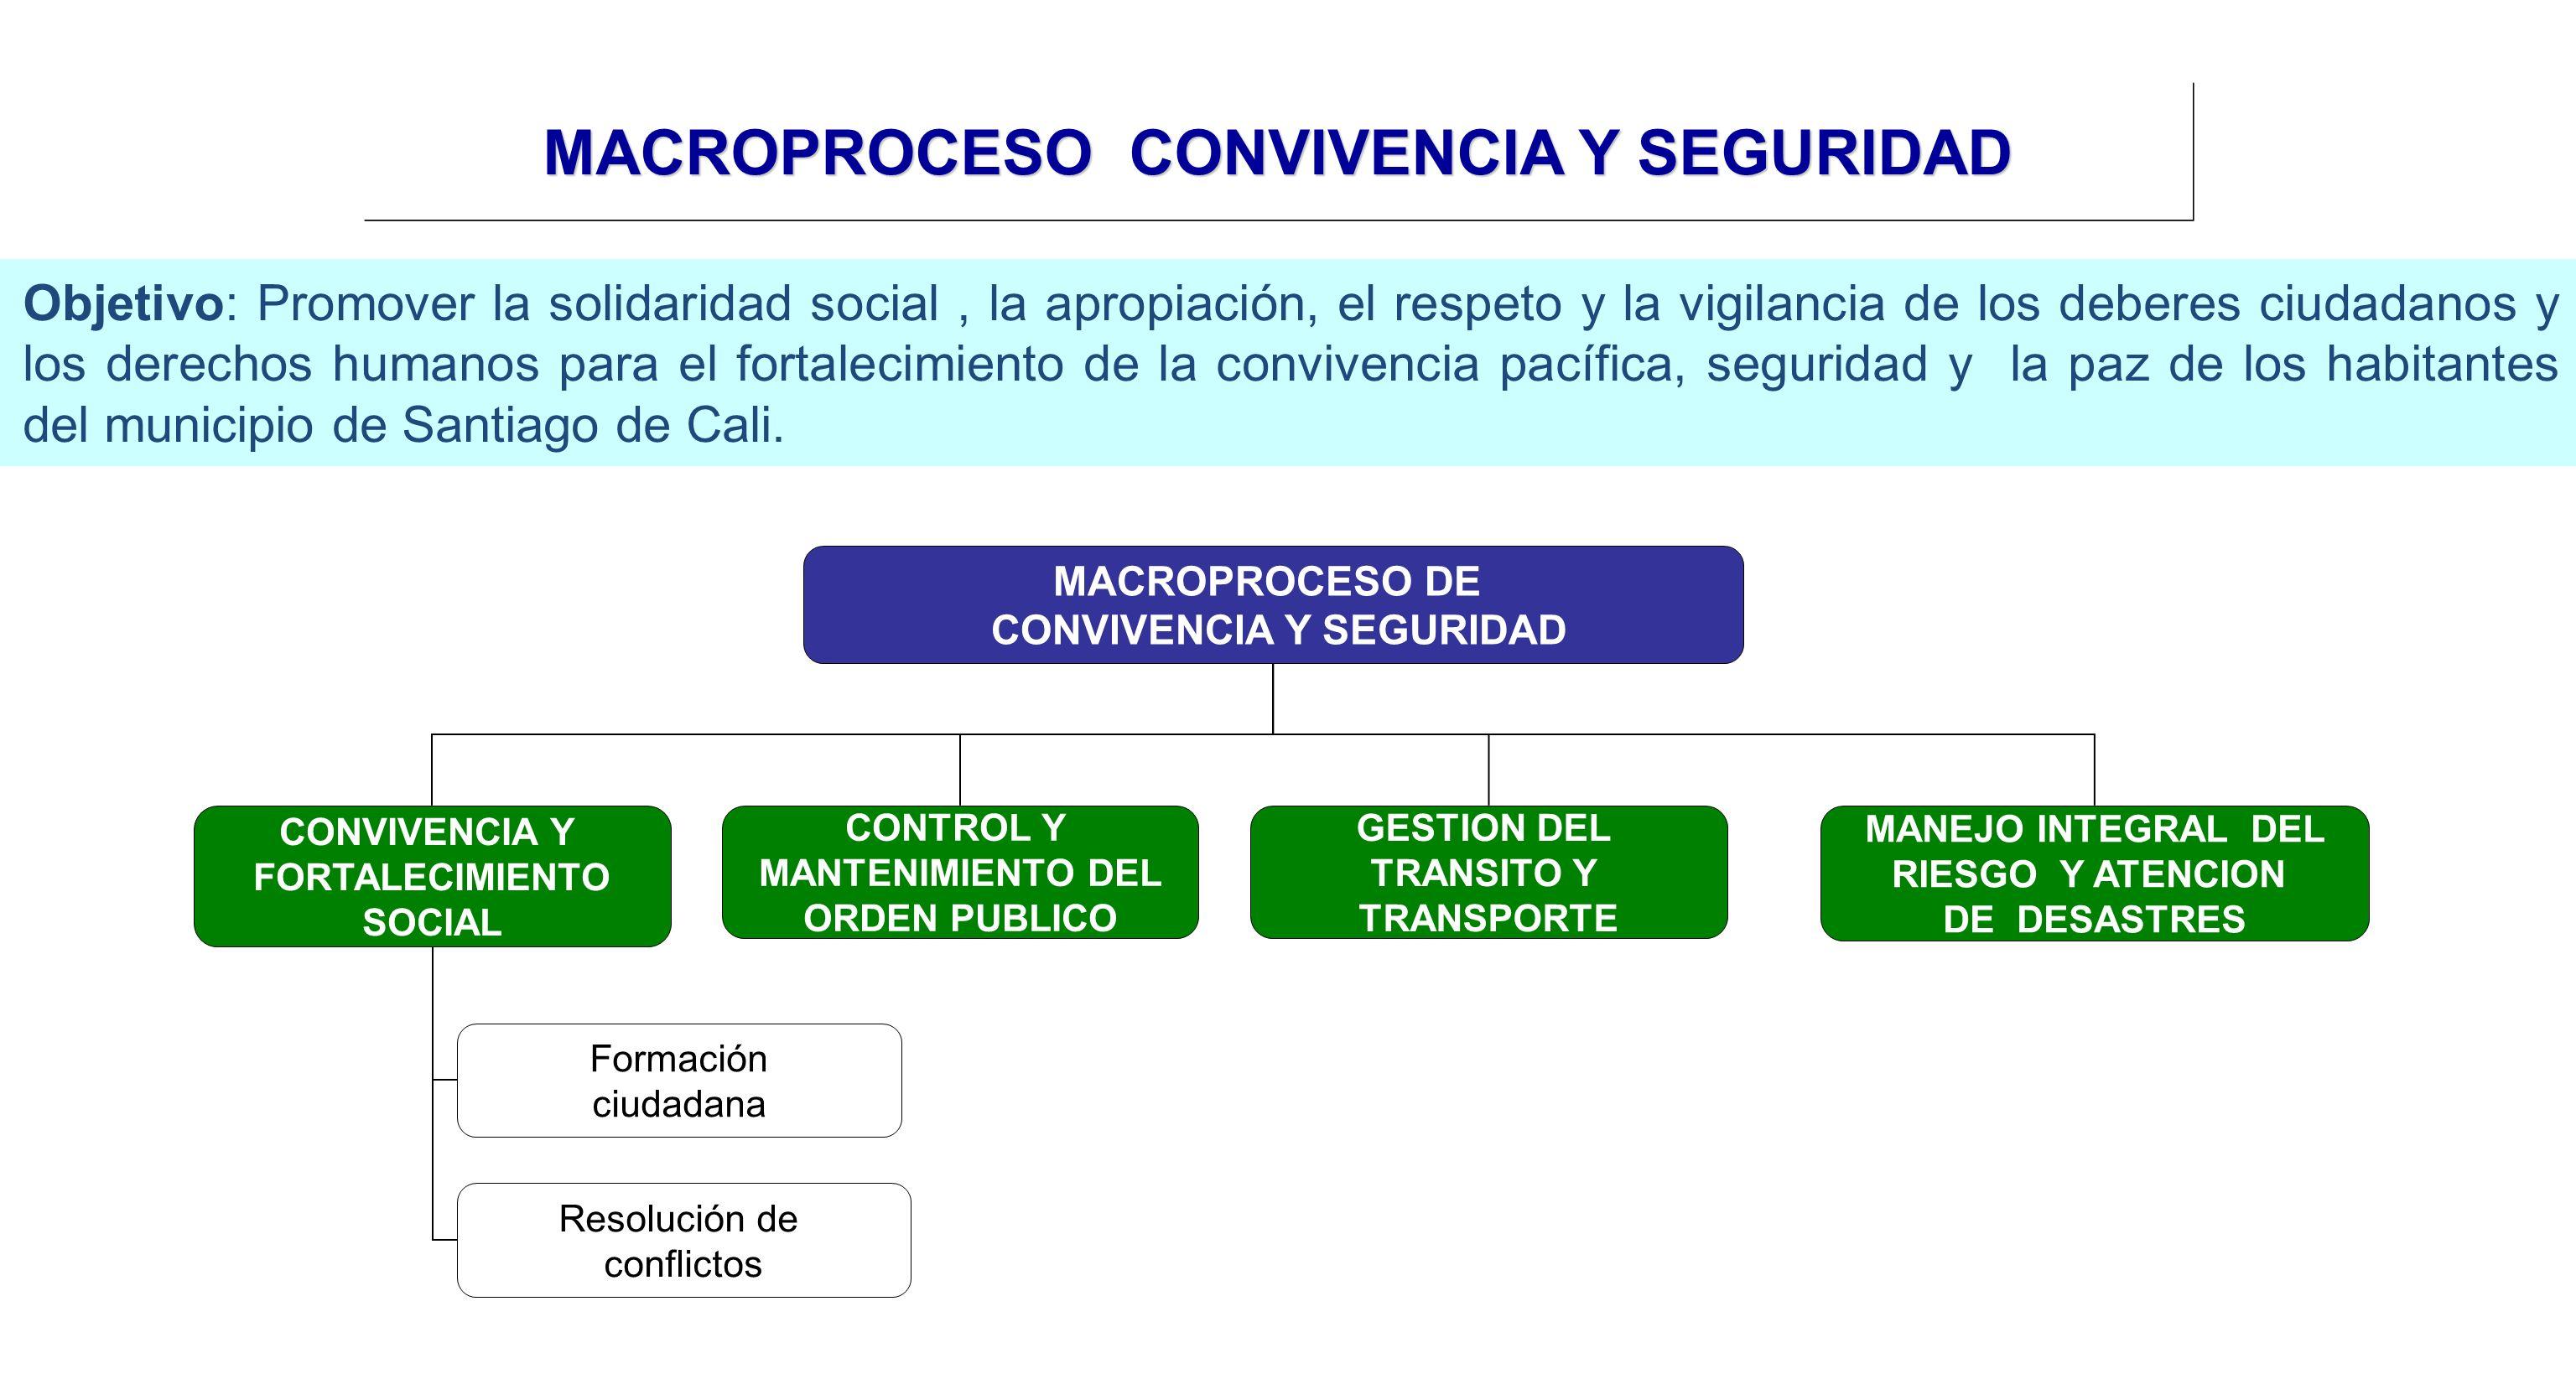 MACROPROCESO DE CONVIVENCIA Y SEGURIDAD MANEJO INTEGRAL DEL RIESGO Y ATENCION DE DESASTRES CONVIVENCIA Y FORTALECIMIENTO SOCIAL CONTROL Y MANTENIMIENT